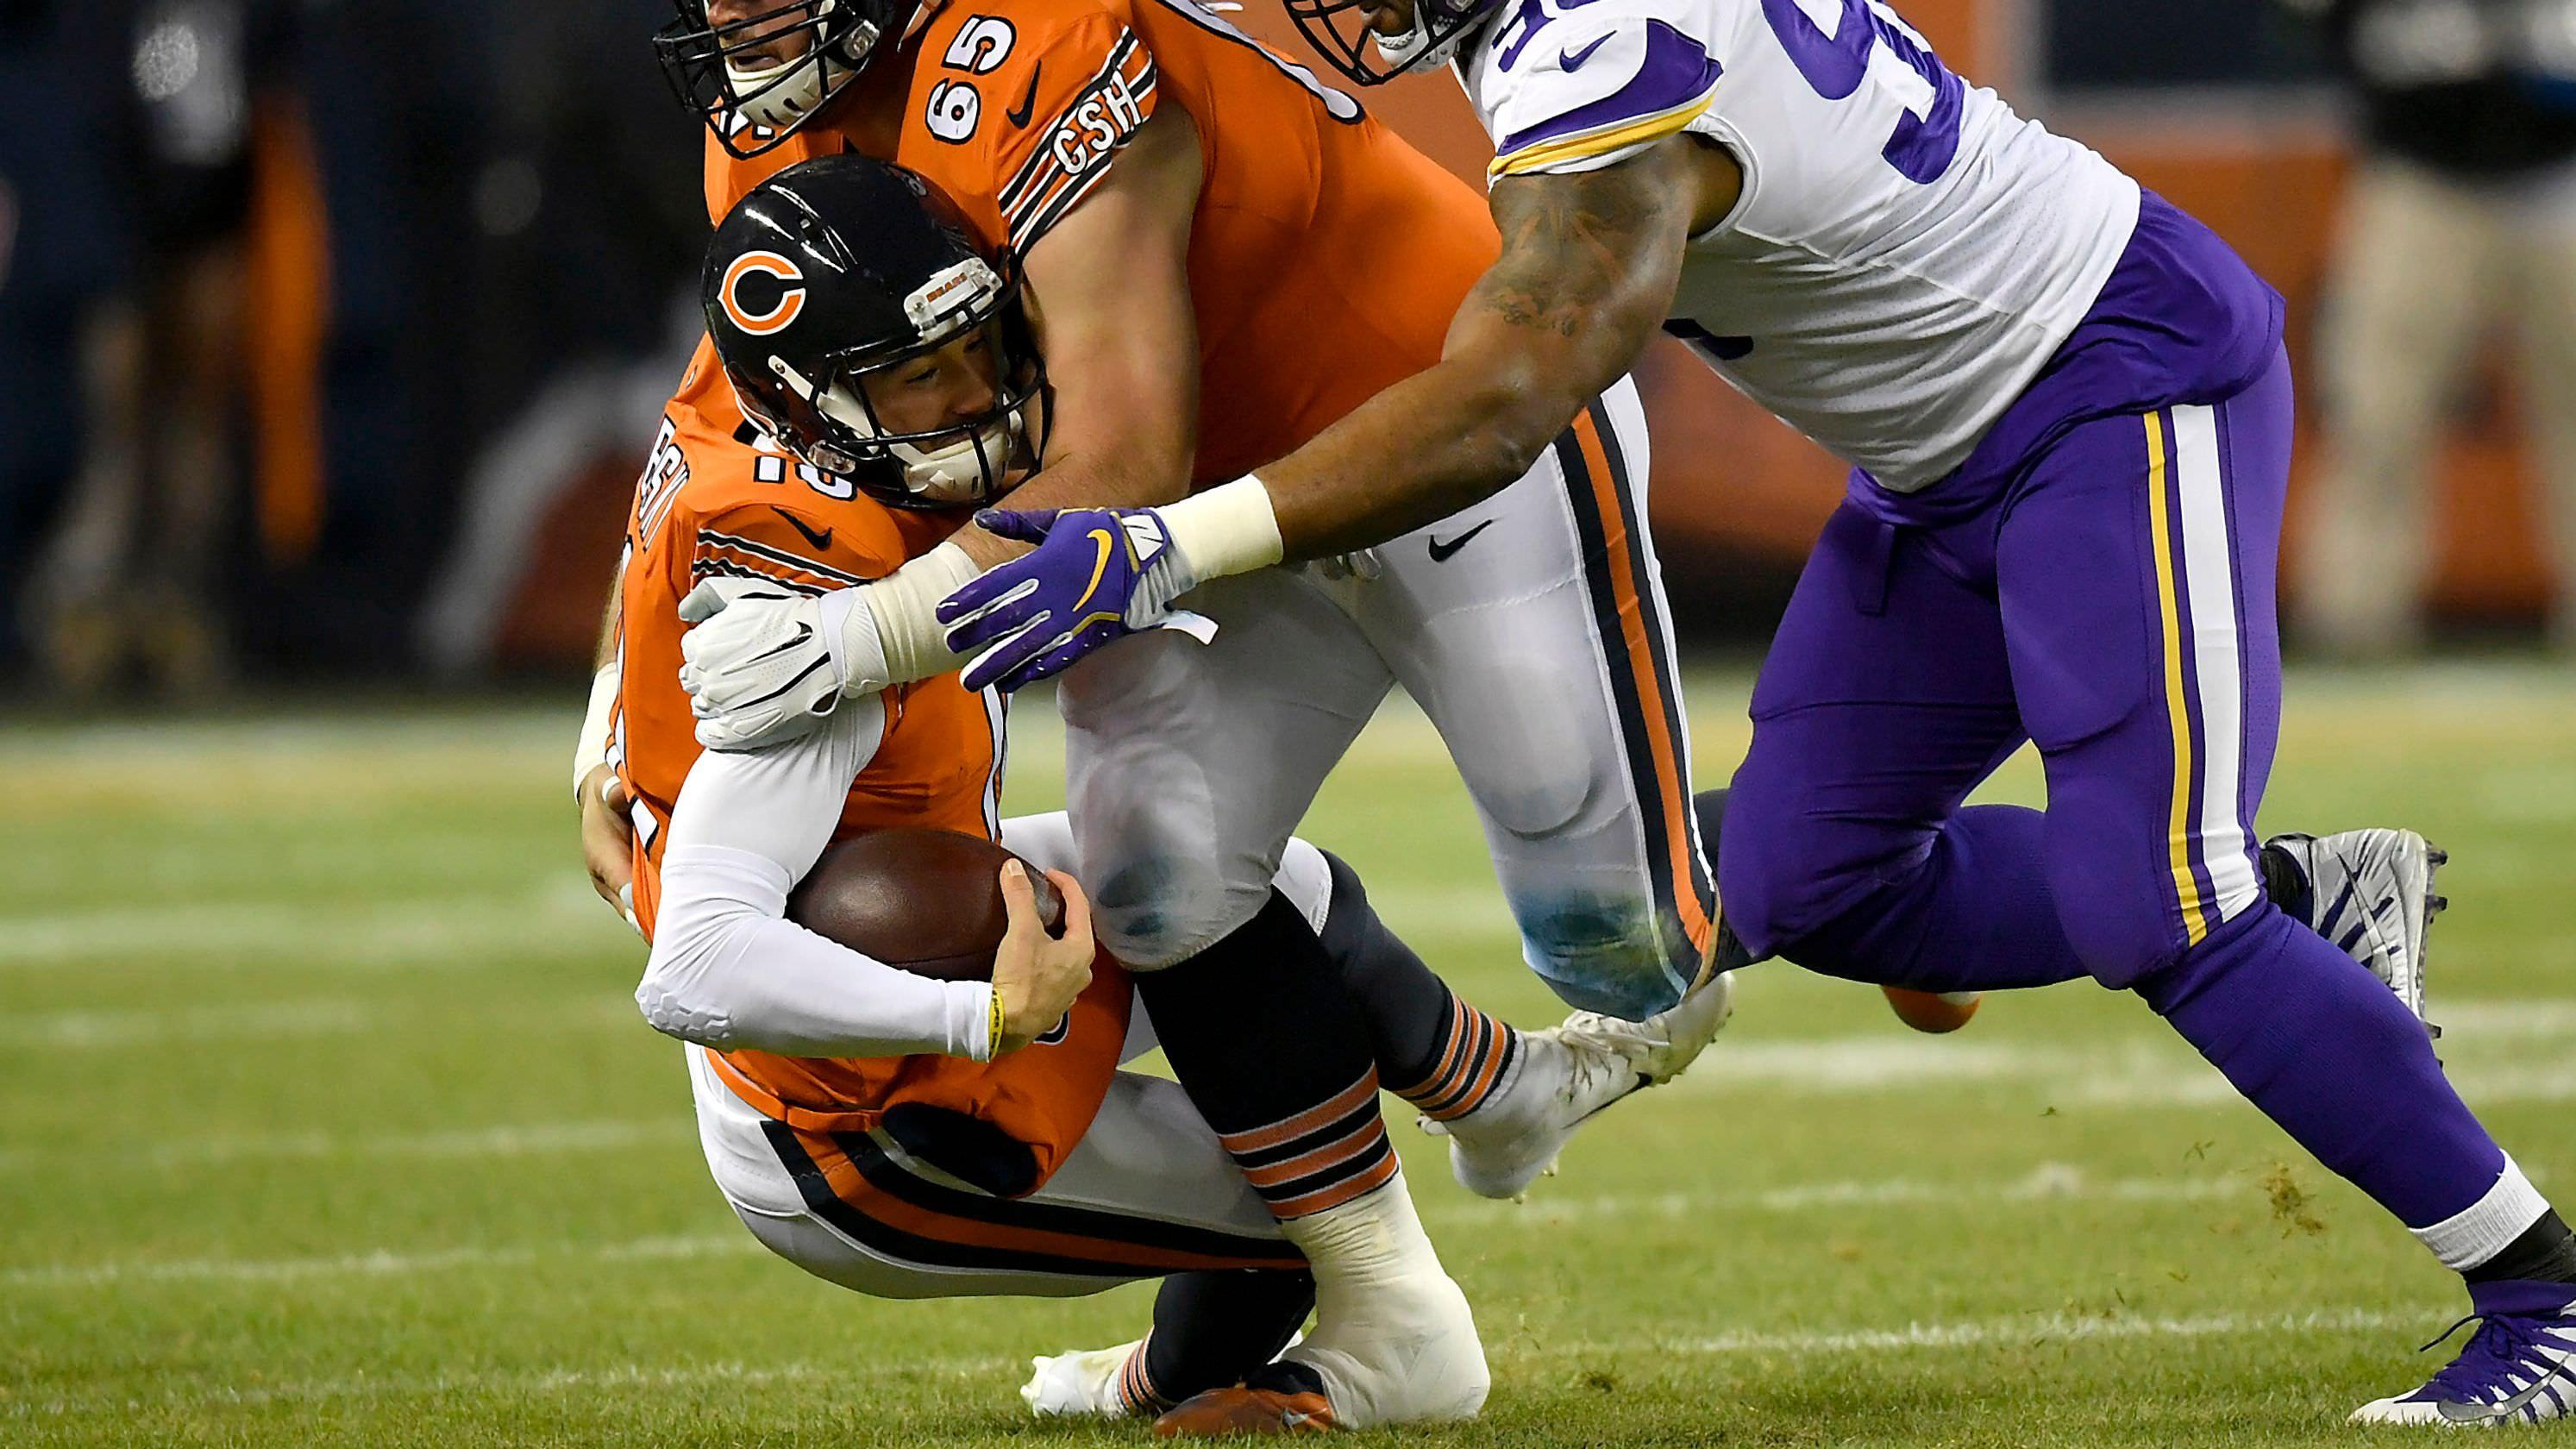 Mitchell Trubisky dos ursos duvidosa para jogar em Detroit no Dia de Ação de Graças devido a lesão no ombro